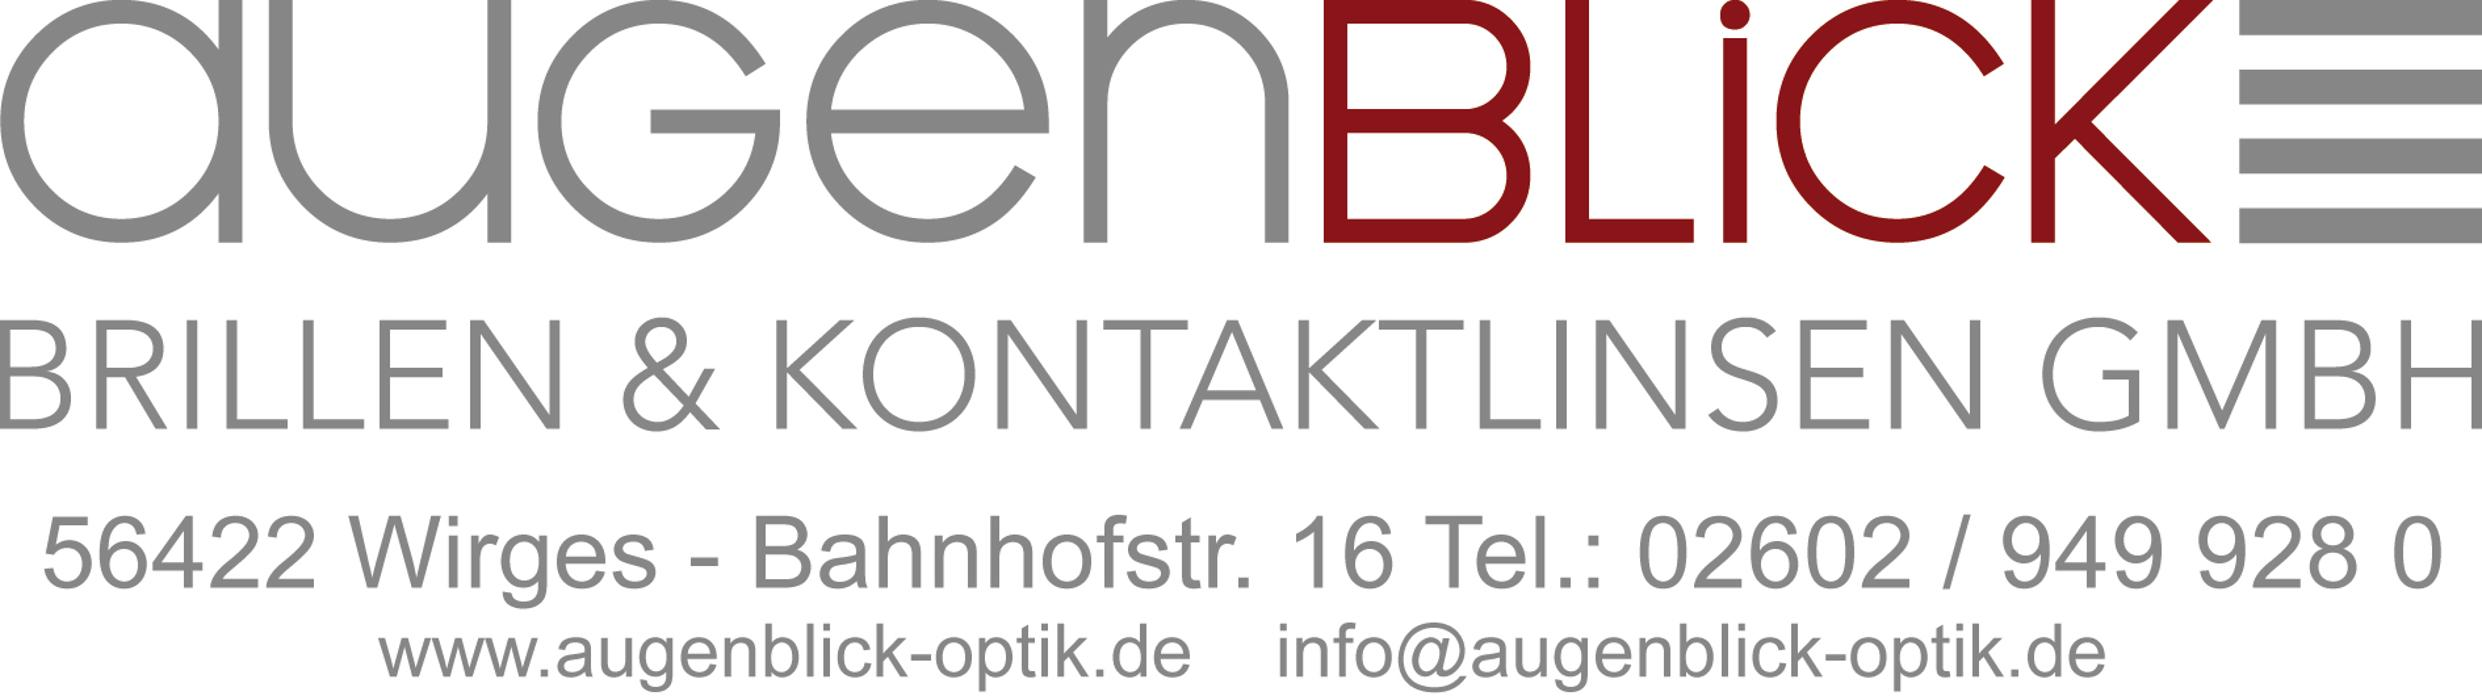 Bild zu Augenblick Brillen Kontaktlinsen GmbH in Wirges